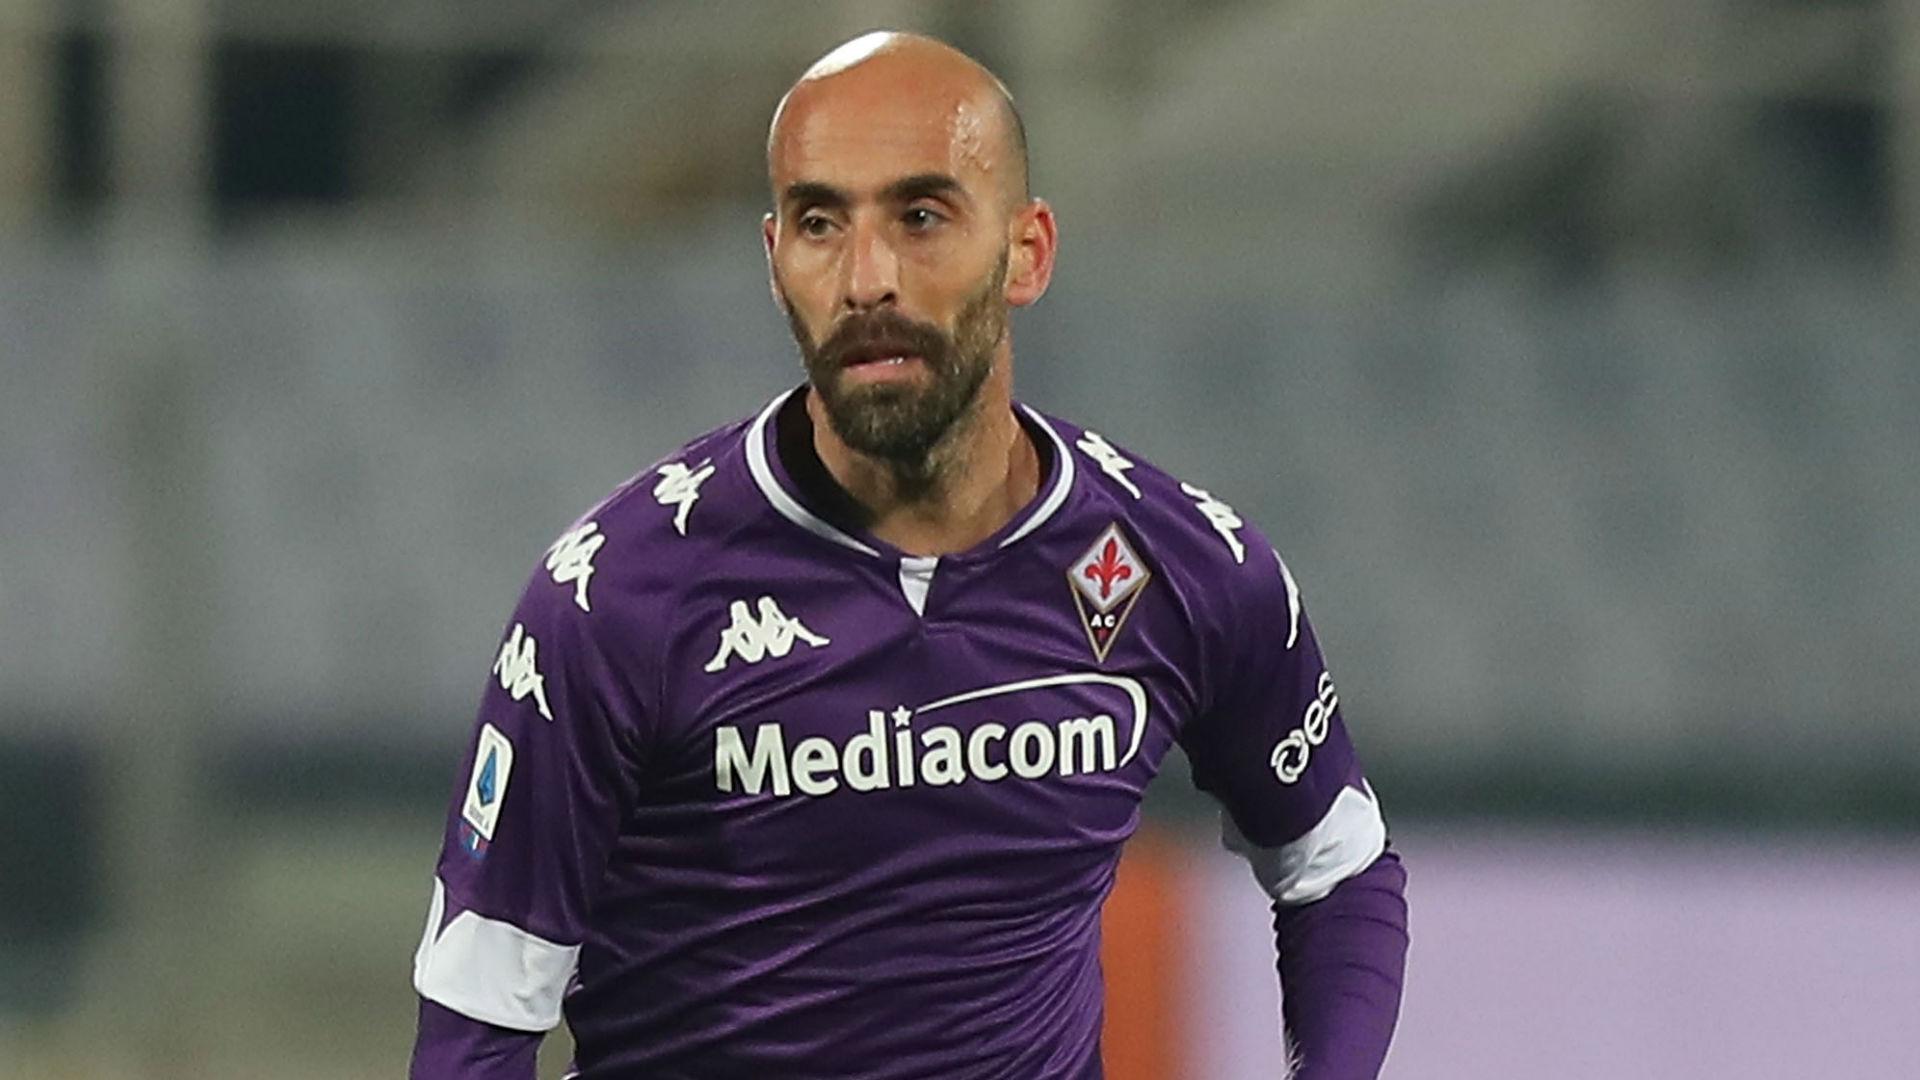 Fiorentina-Parma, le formazioni ufficiali: Borja Valero in mediana